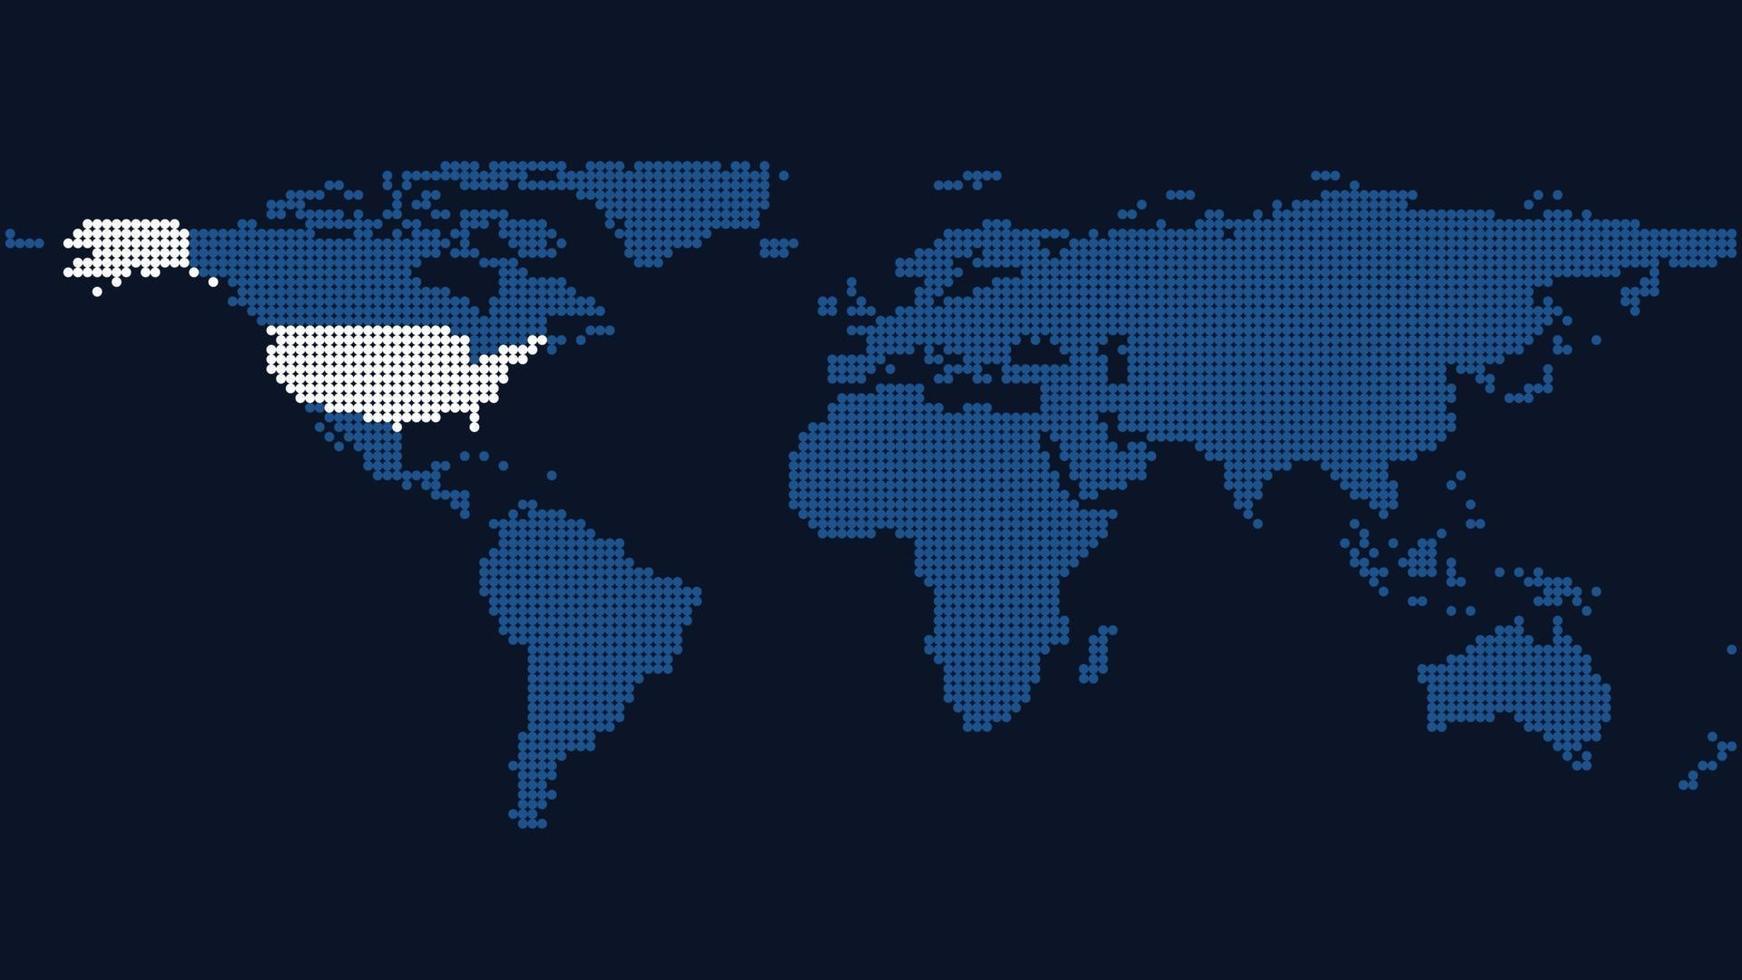 carte du monde des cercles avec les états-unis mis en évidence vecteur